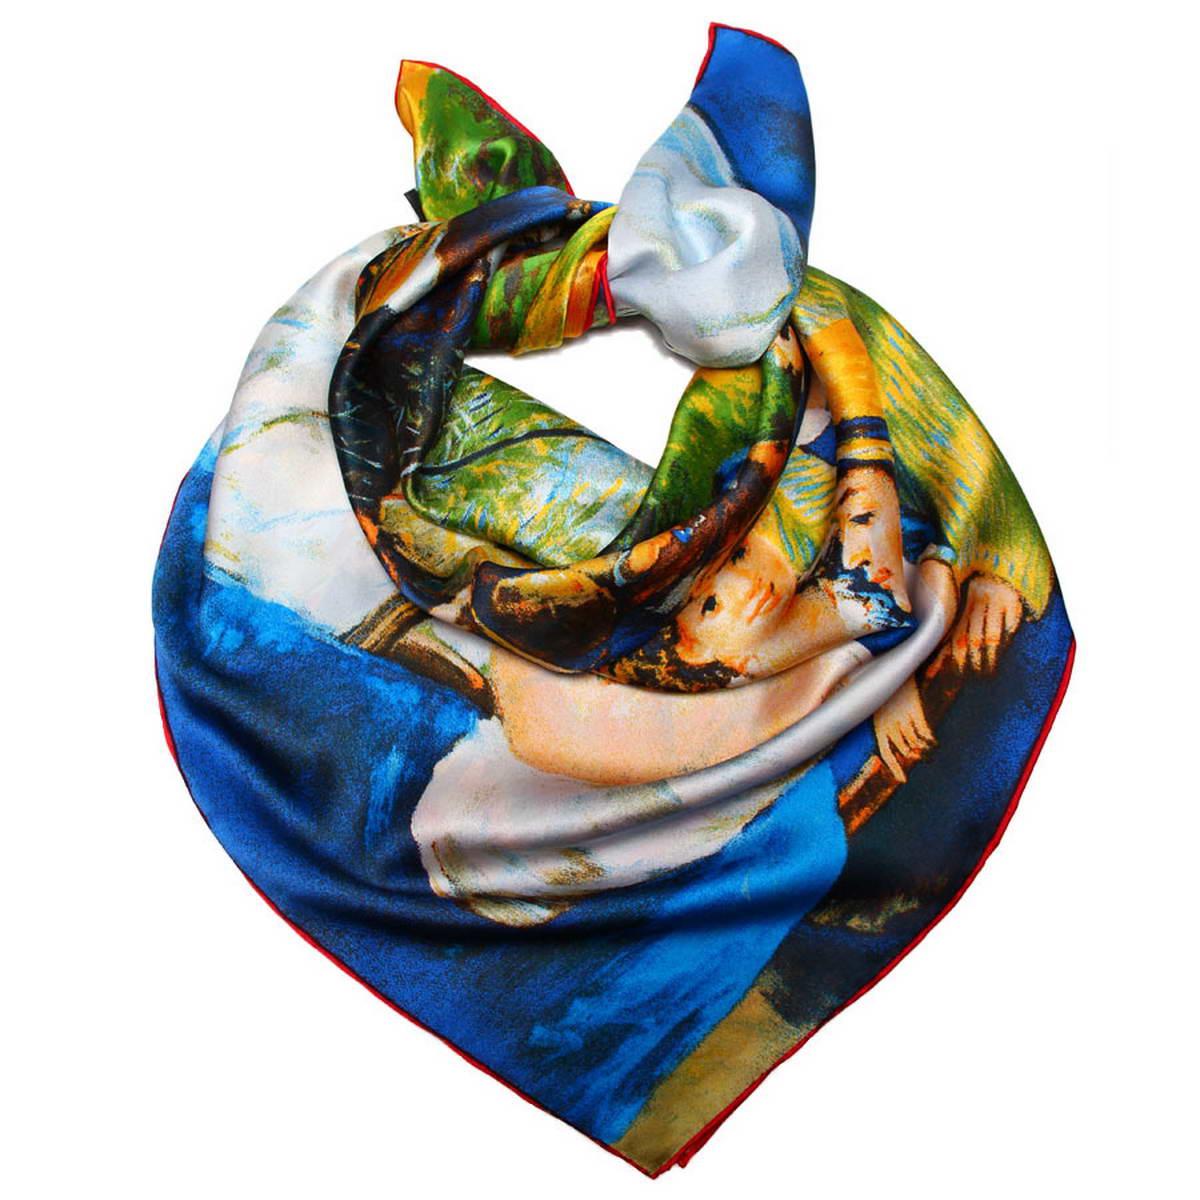 Платок1810912-1Стильный женский платок Venera станет великолепным завершением любого наряда. Платок изготовлен из 100% шелка и оформлен изображением репродукции картины. Классическая квадратная форма позволяет носить платок на шее, украшать им прическу или декорировать сумочку. Легкий и приятный на ощупь платок поможет вам создать изысканный женственный образ. Такой платок превосходно дополнит любой наряд и подчеркнет ваш неповторимый вкус и элегантность.